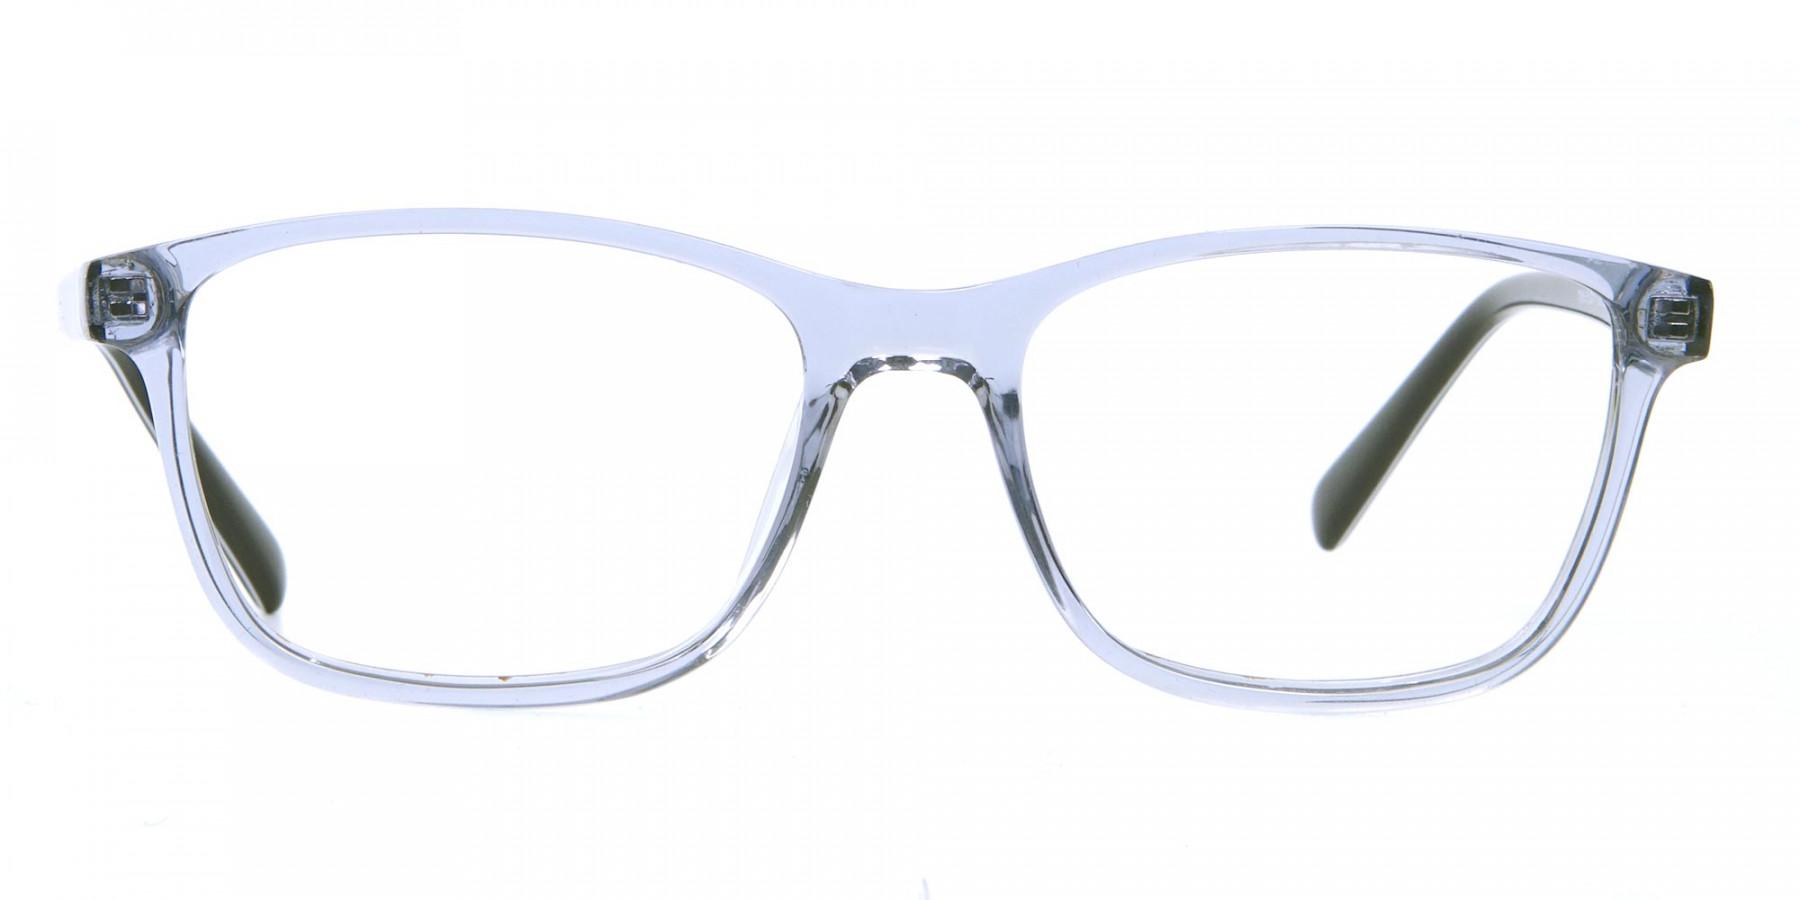 Blue Transparent Glasses in Wayfarer for Men & Women